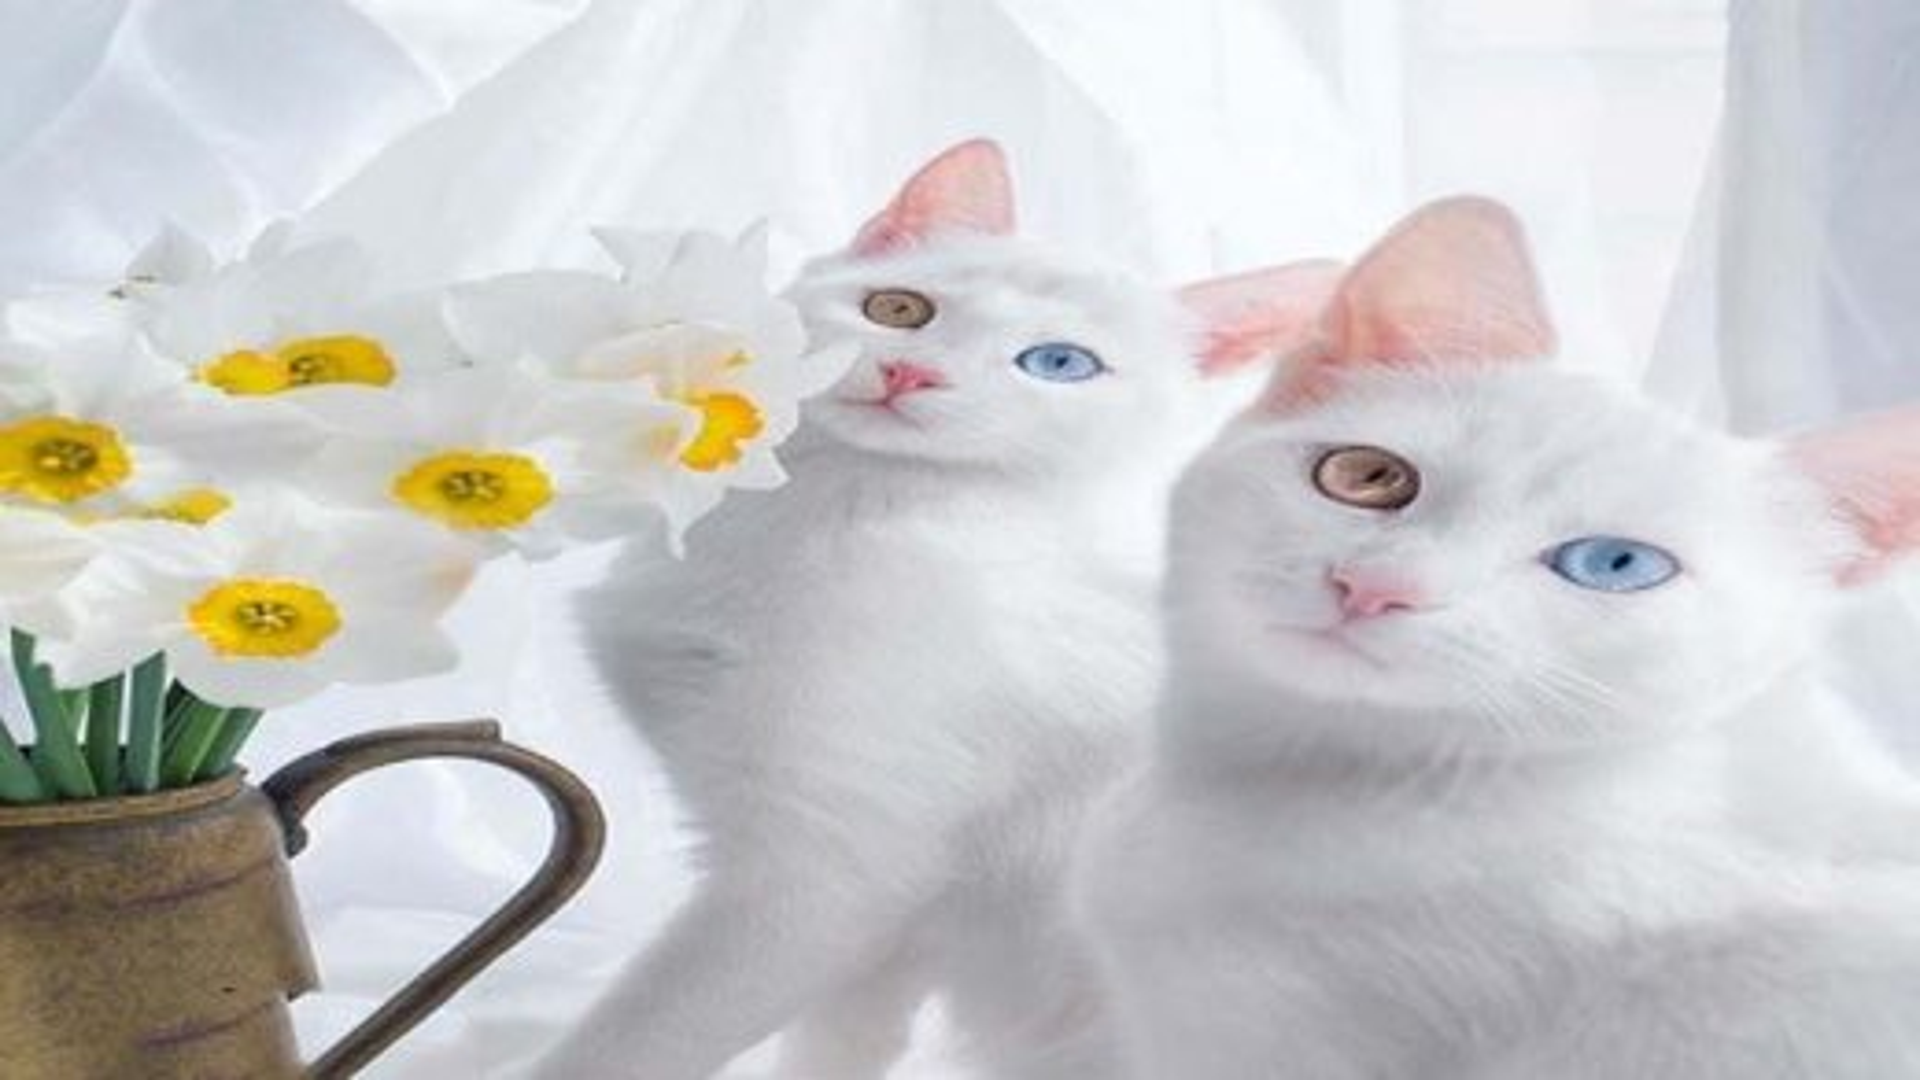 زیباترین گربه ها | تگ